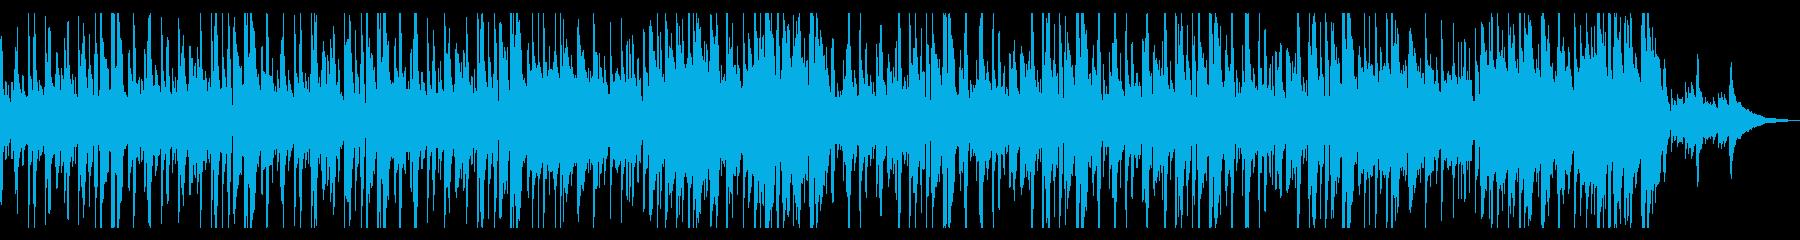 ガットギター・ゲーム・アニメ・ファンタジの再生済みの波形